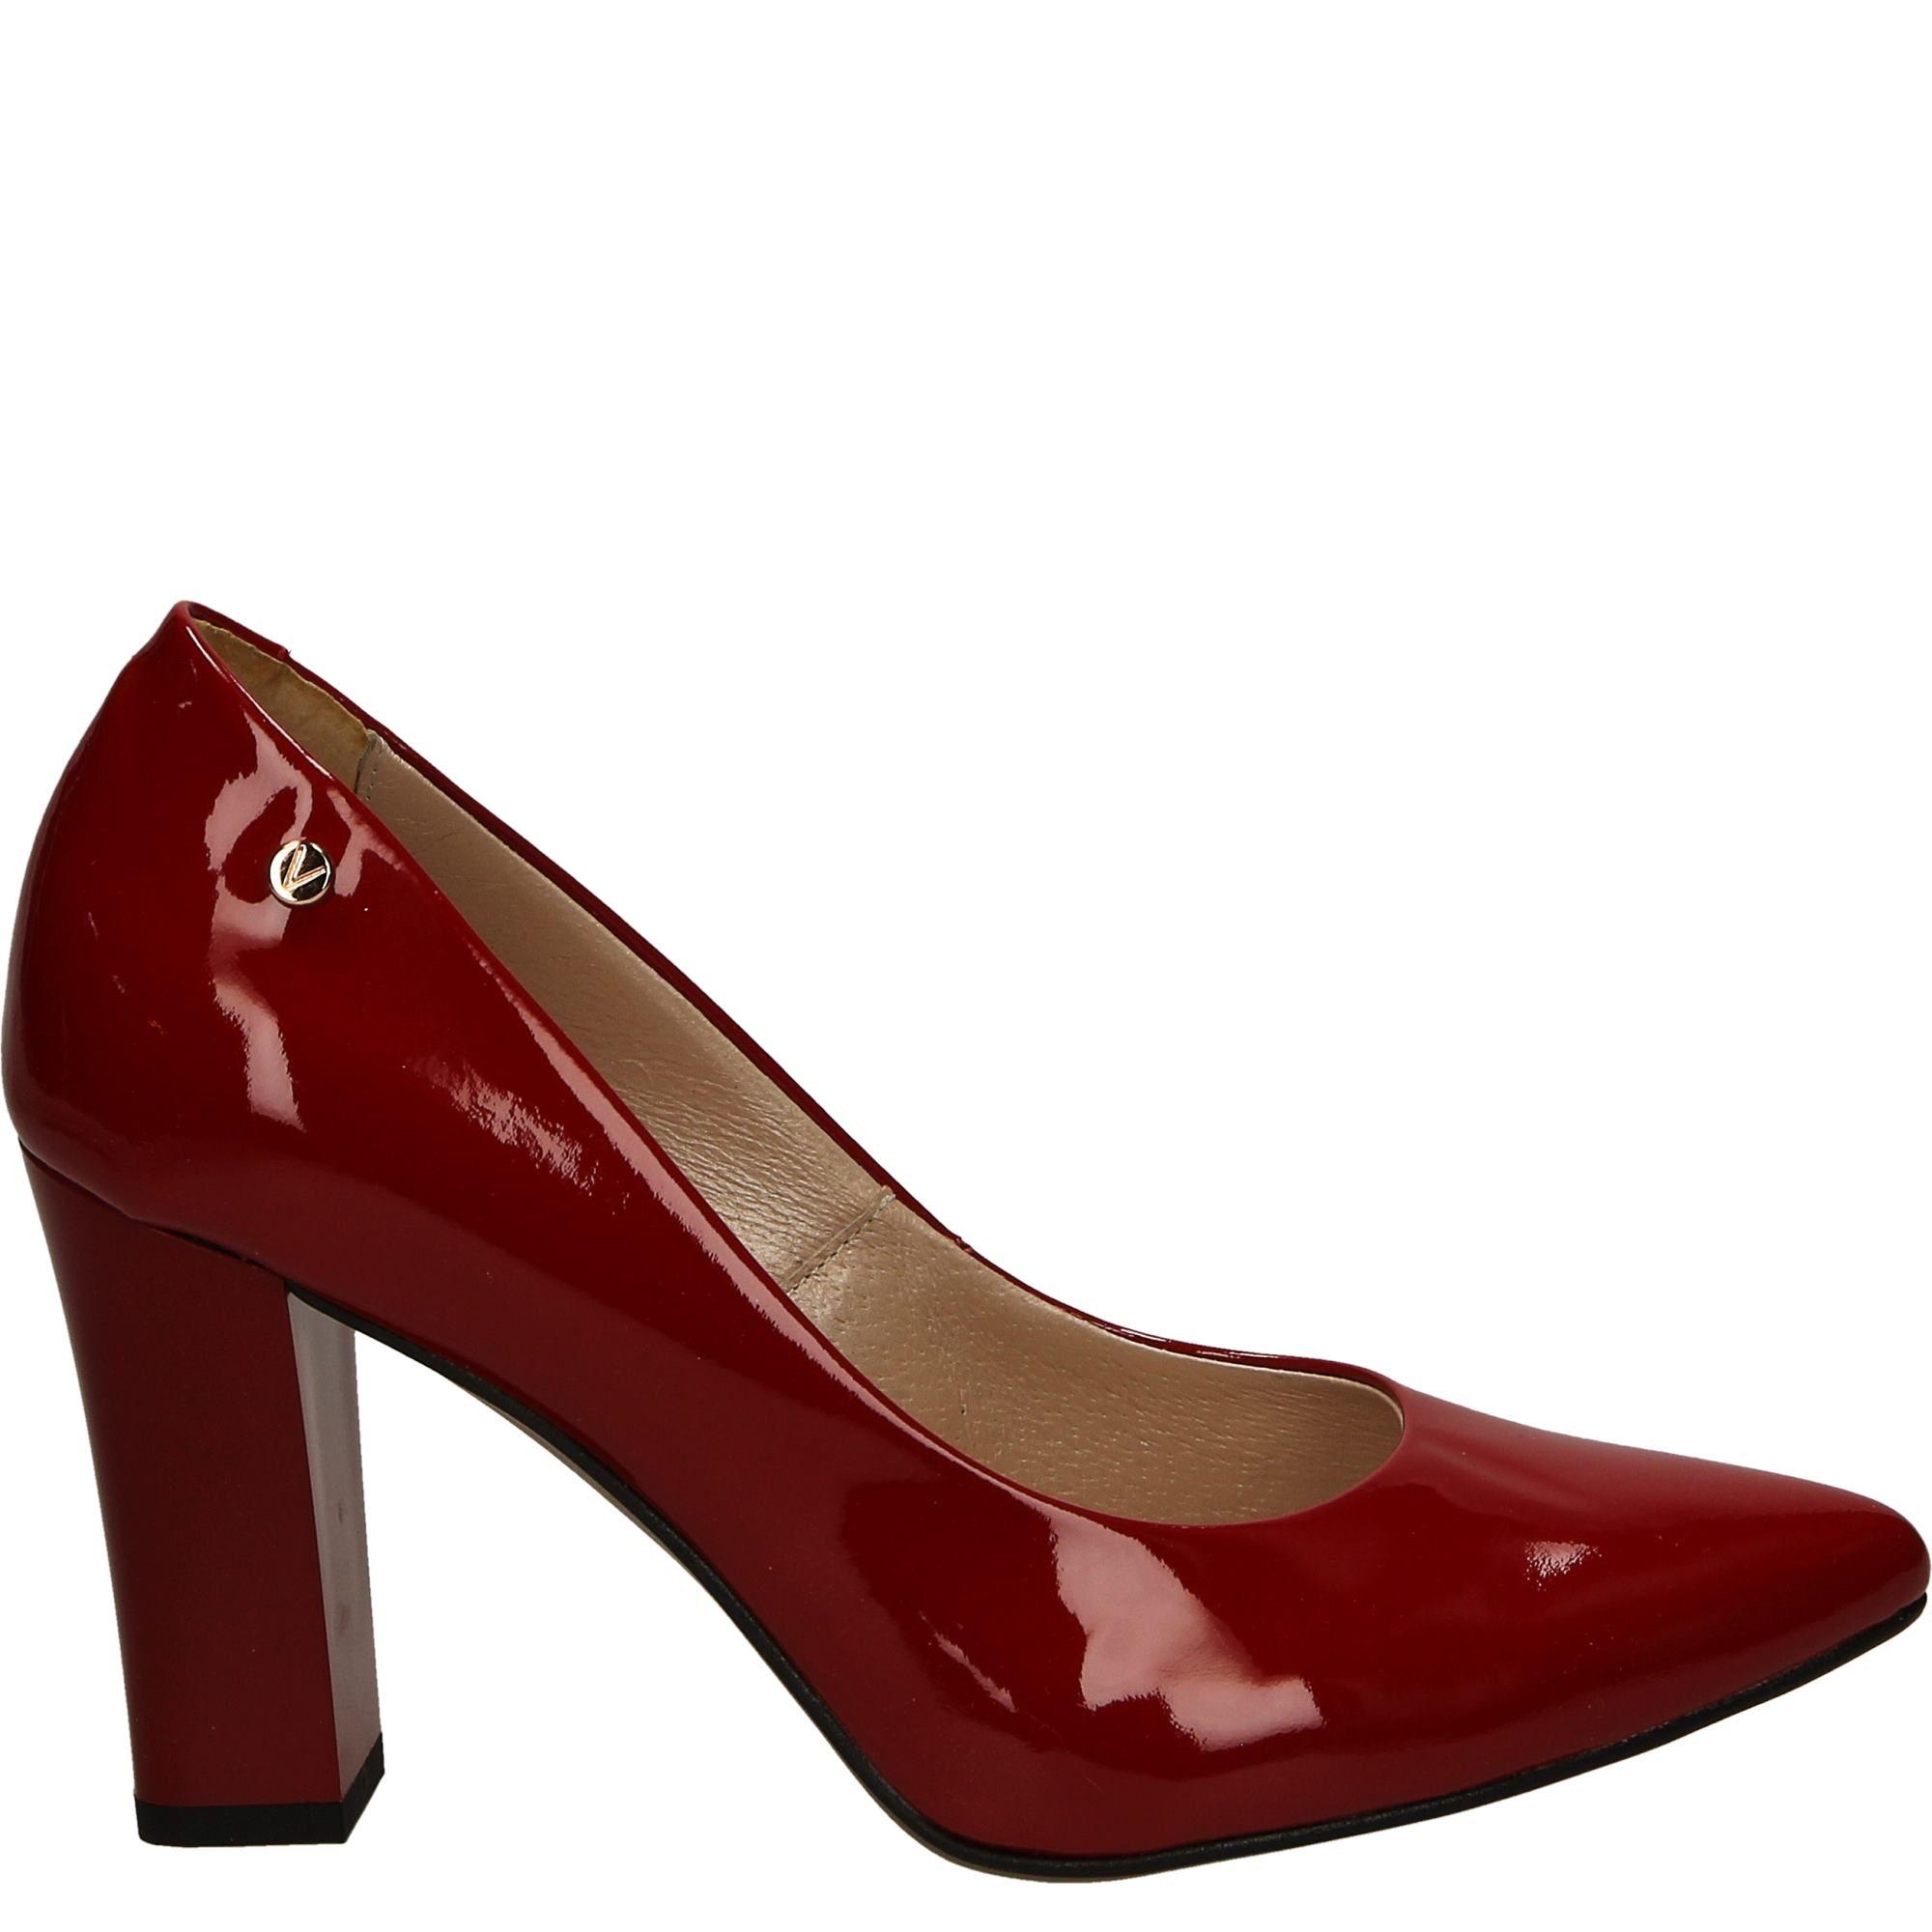 Venezia Firmowy Sklep Online Markowe Buty Online Buty Wloskie Obuwie Damskie Obuwie Meskie Torby Damskie Kurtki Damskie Louboutin Pumps Shoes Louboutin